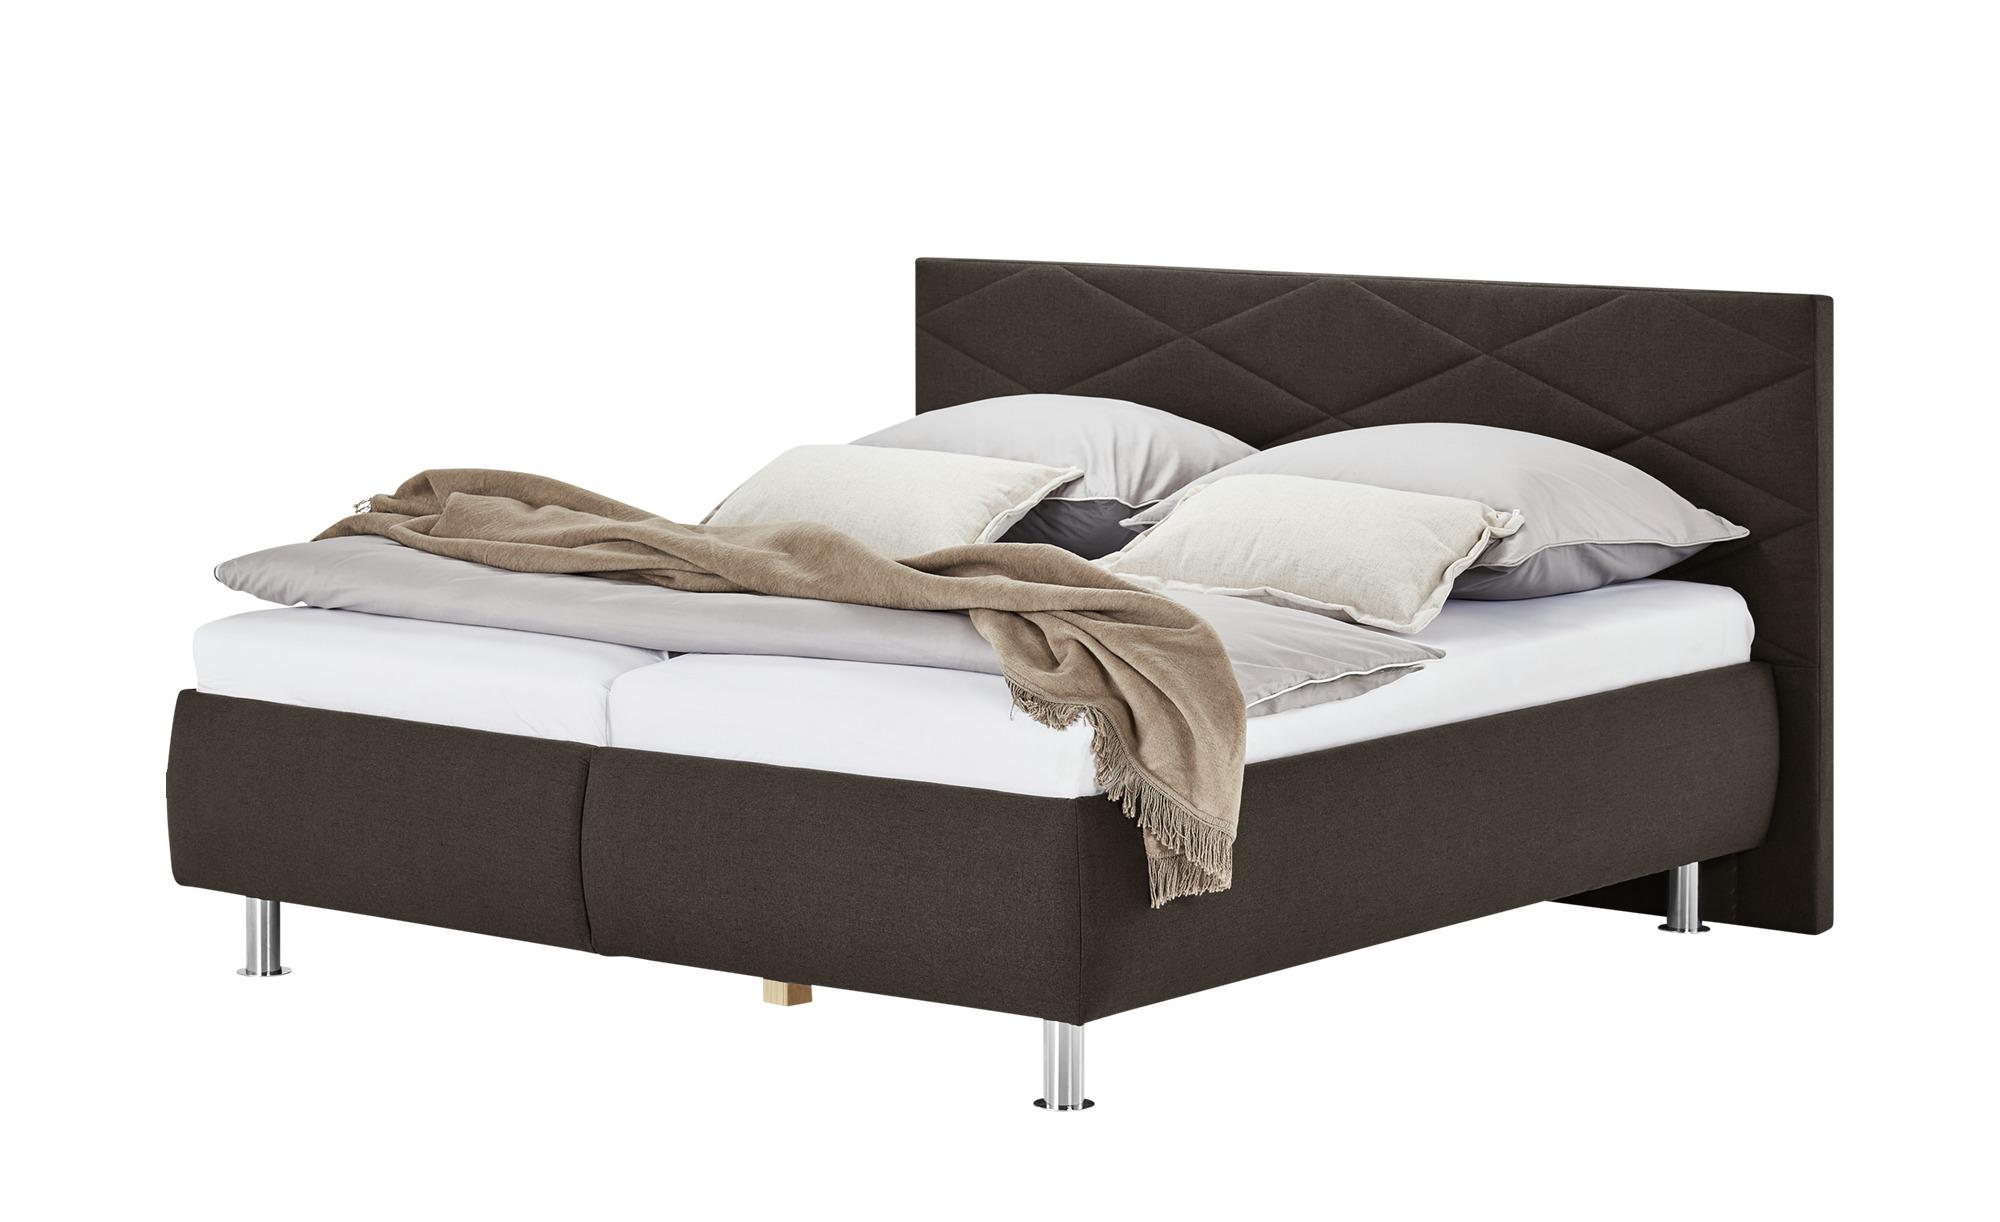 Polsterbett - braun - Betten > Doppelbetten - Möbel Kraft günstig online kaufen